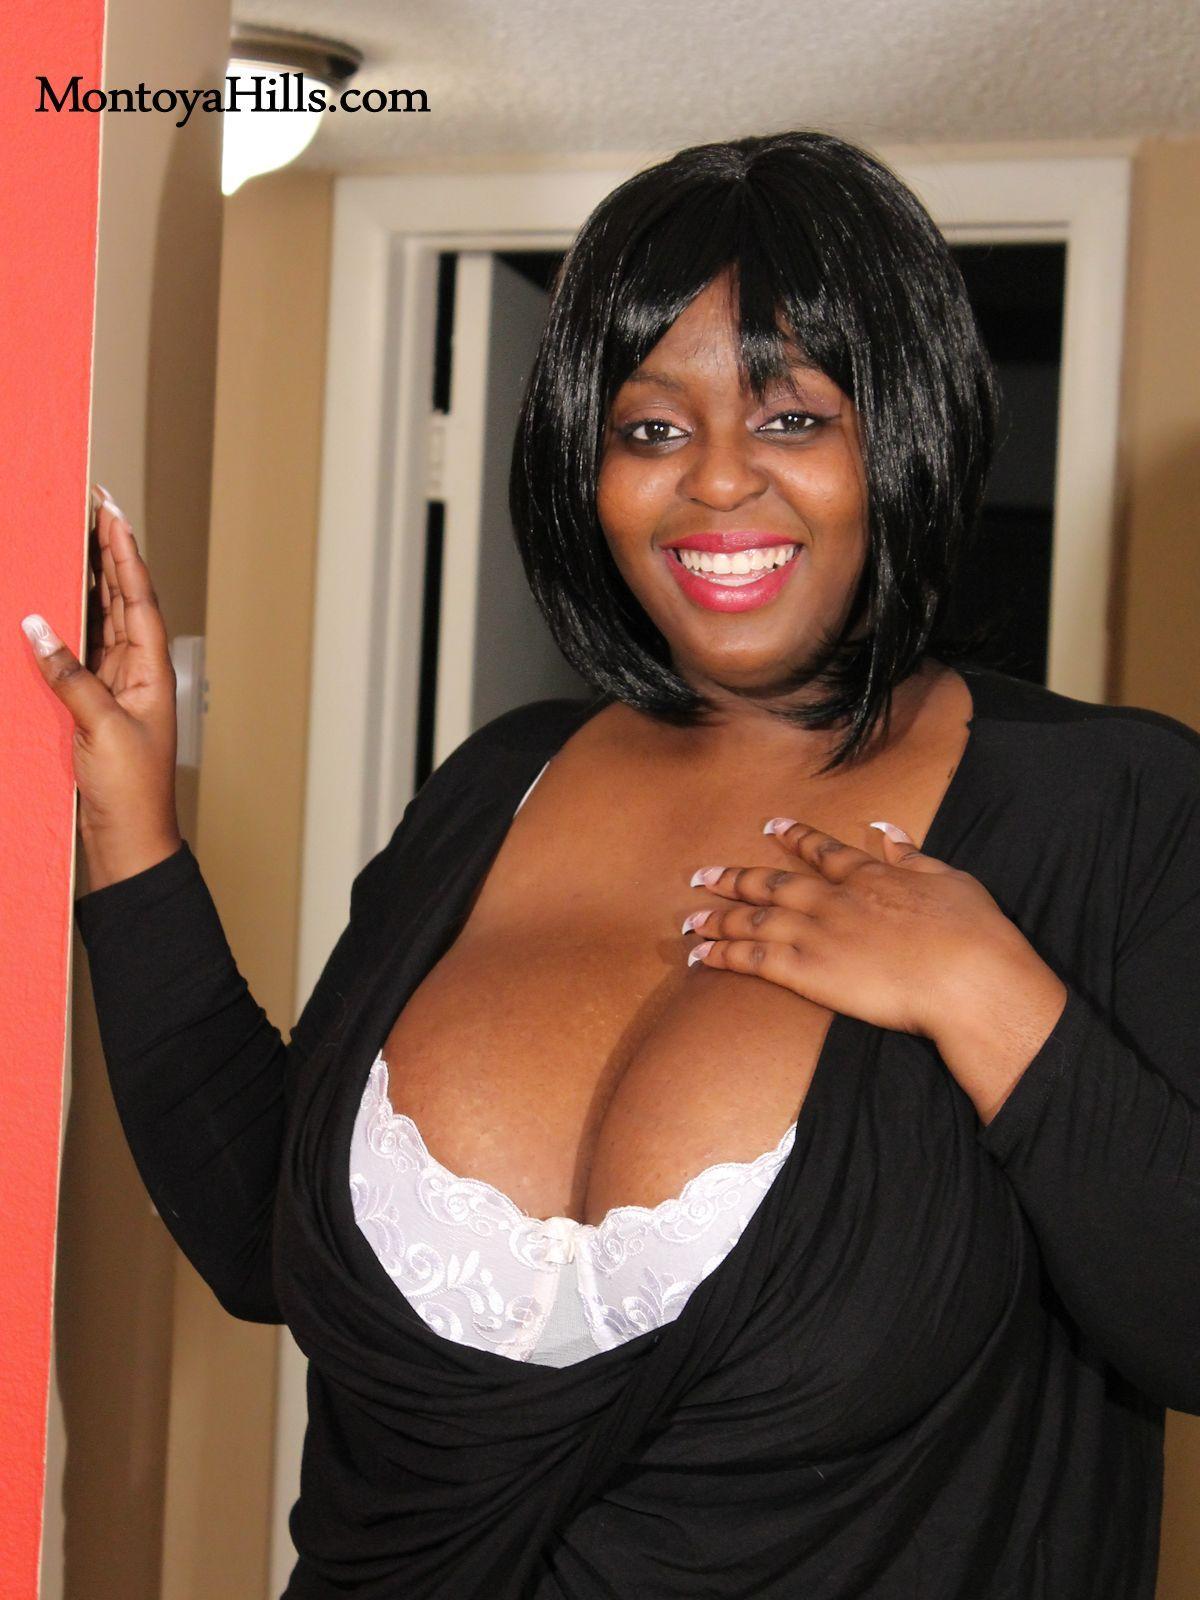 Huge black bbw sexy cleavage